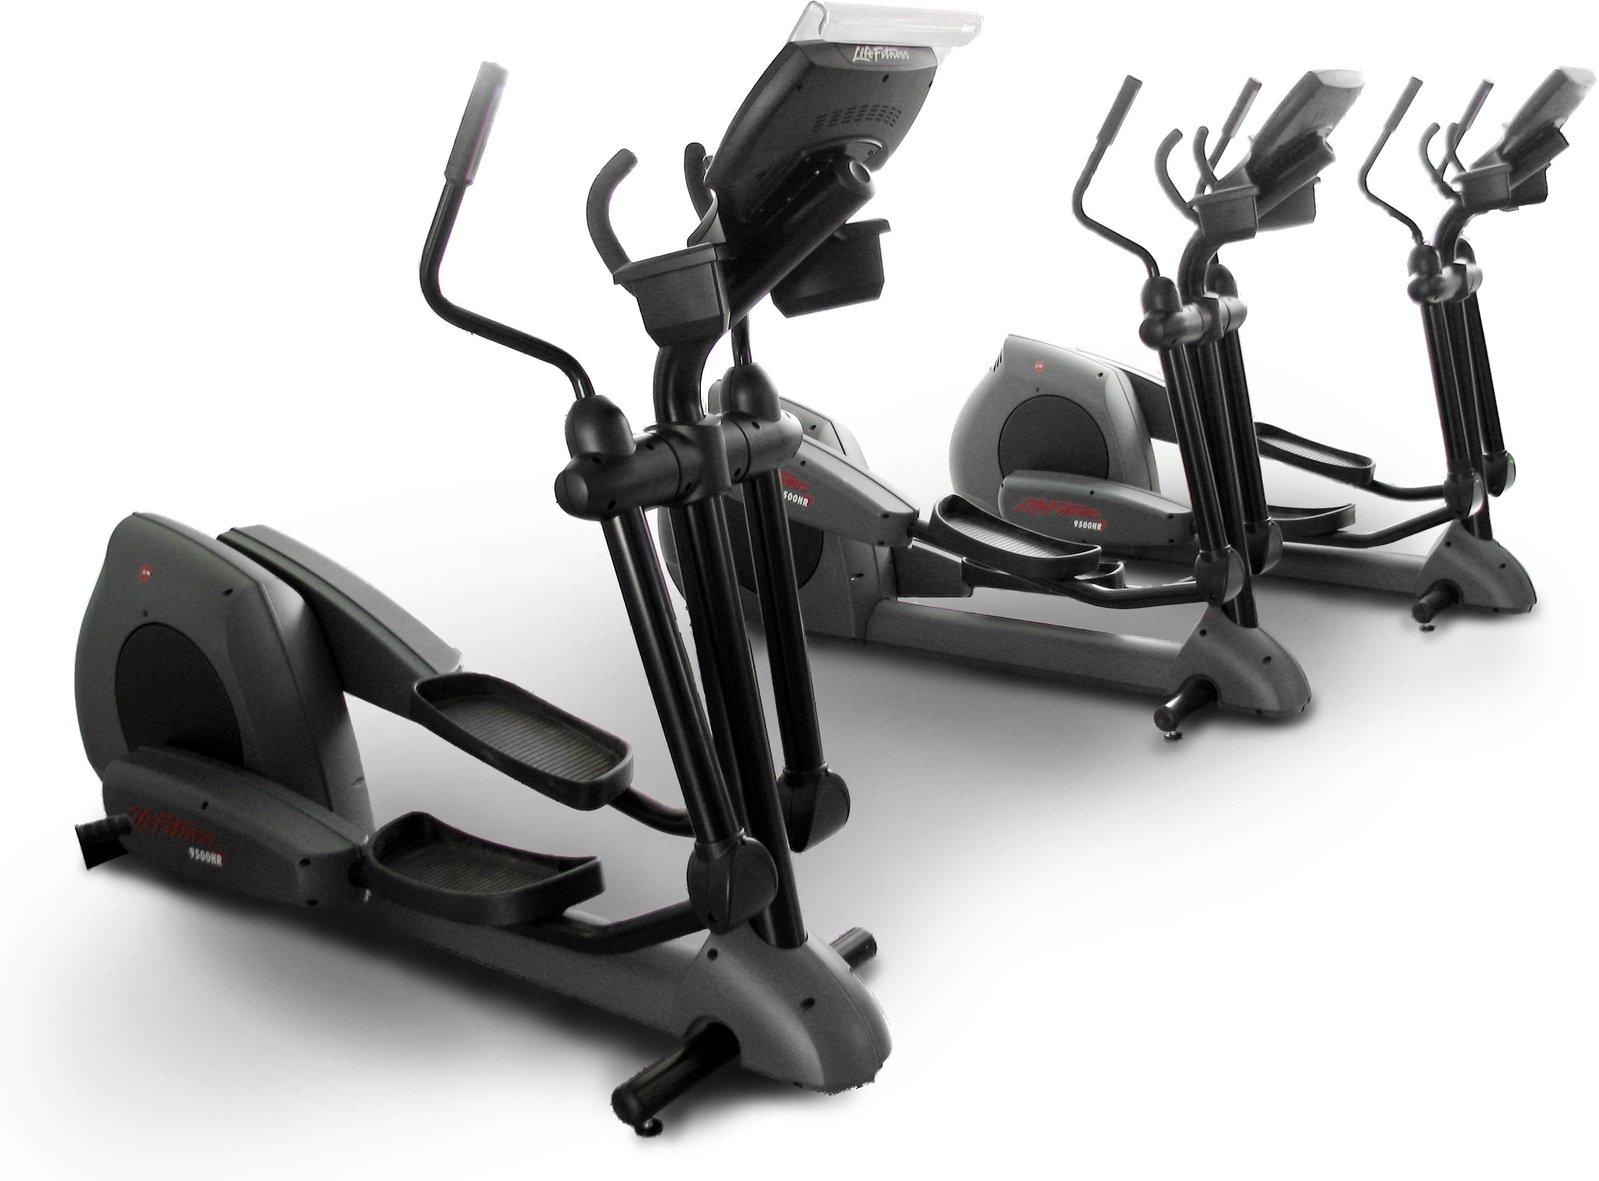 elliptical-trainers-1424300.jpg